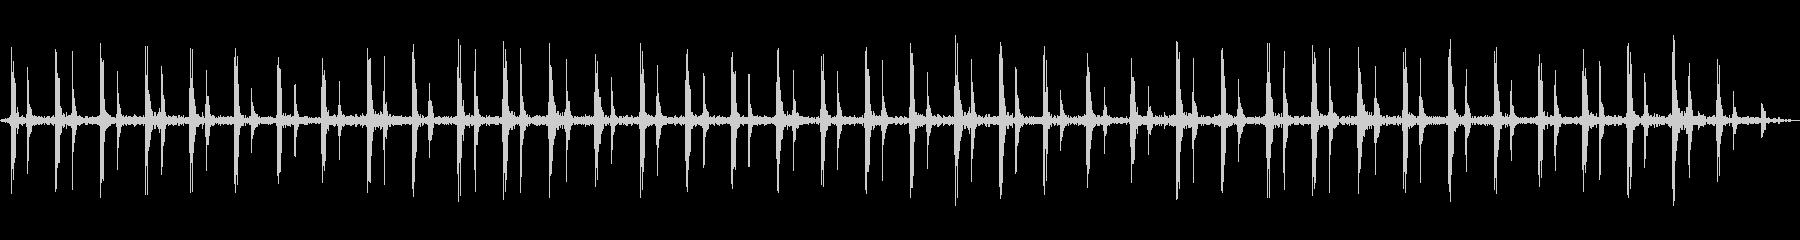 ハートビート、パルス、ファースト、...の未再生の波形